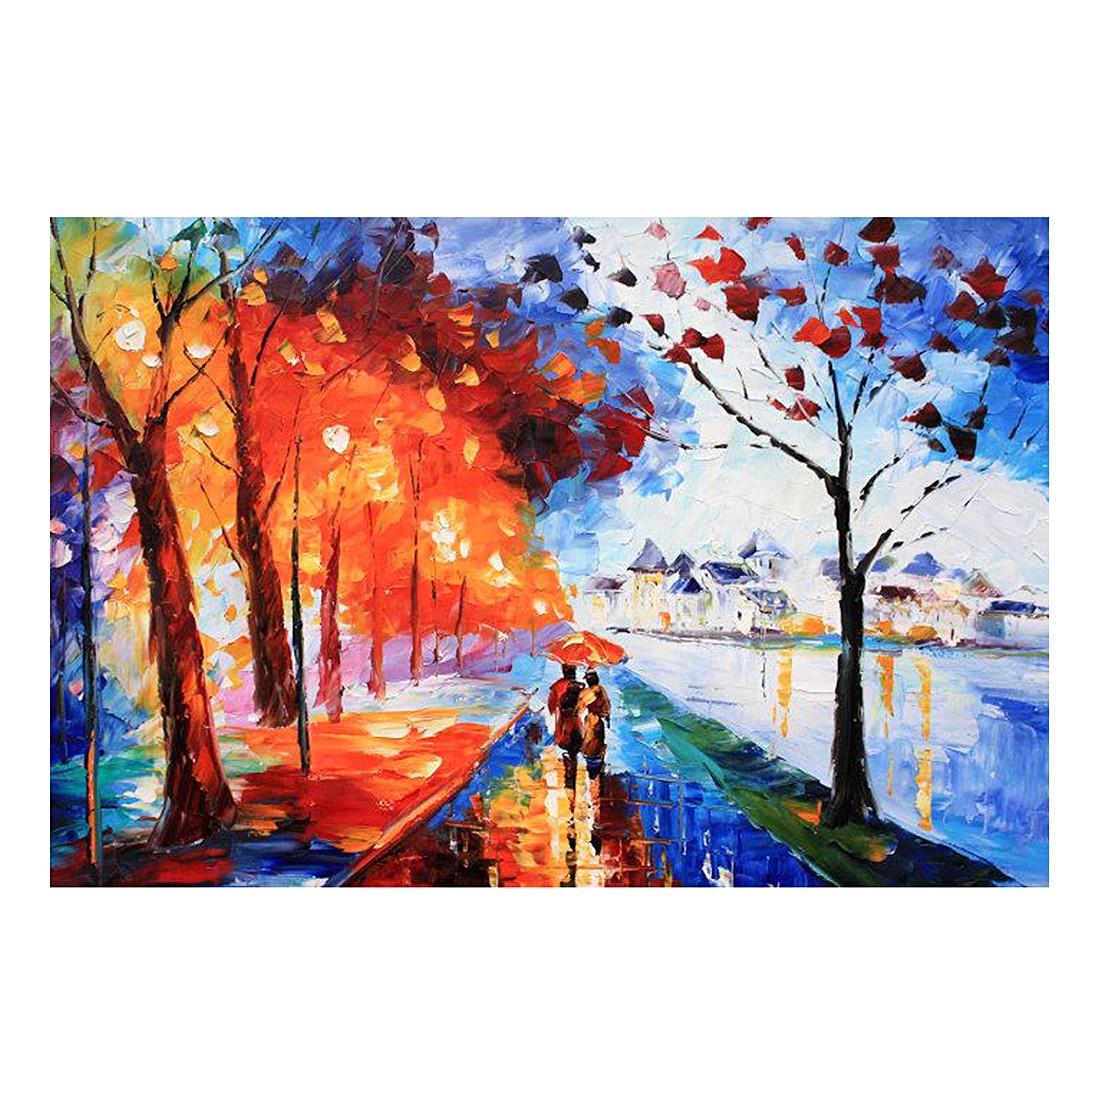 Ölgemälde Amalda Puddifoot – Größe 30 x 40 cm, your Painting günstig online kaufen